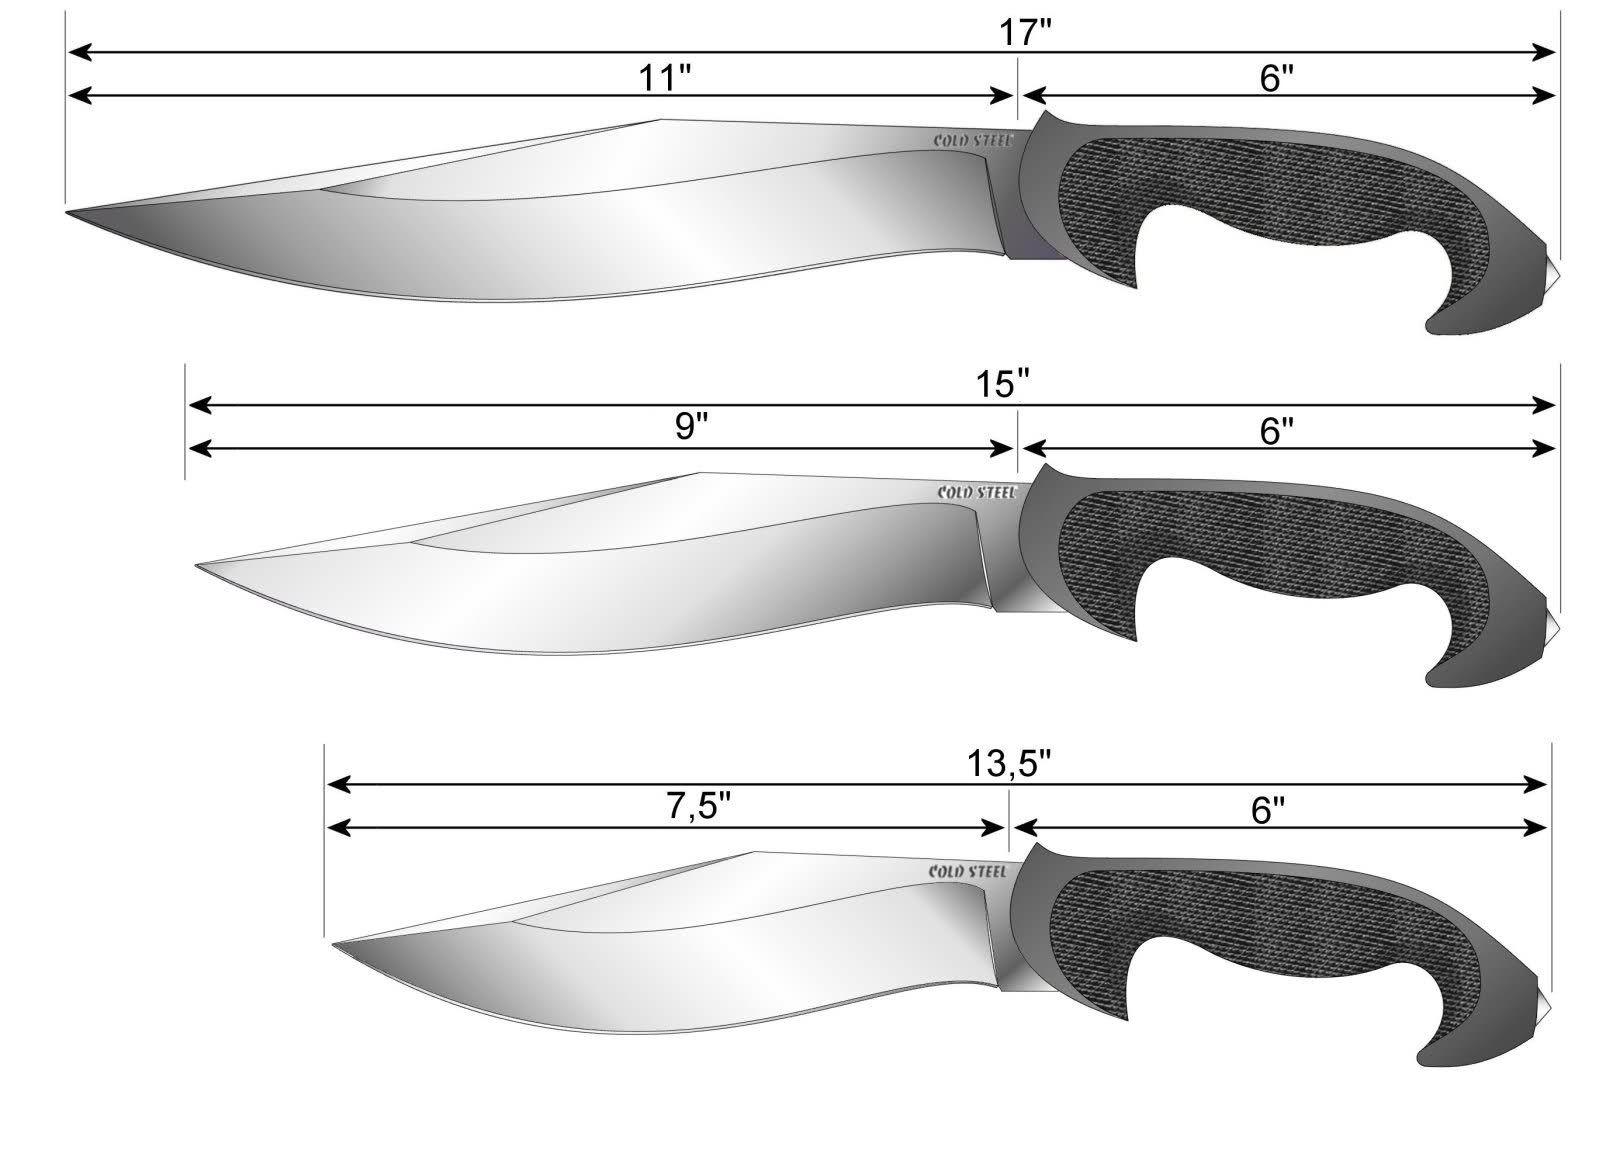 можно формы охотничьих ножей чертежи фотографии могут заниматься